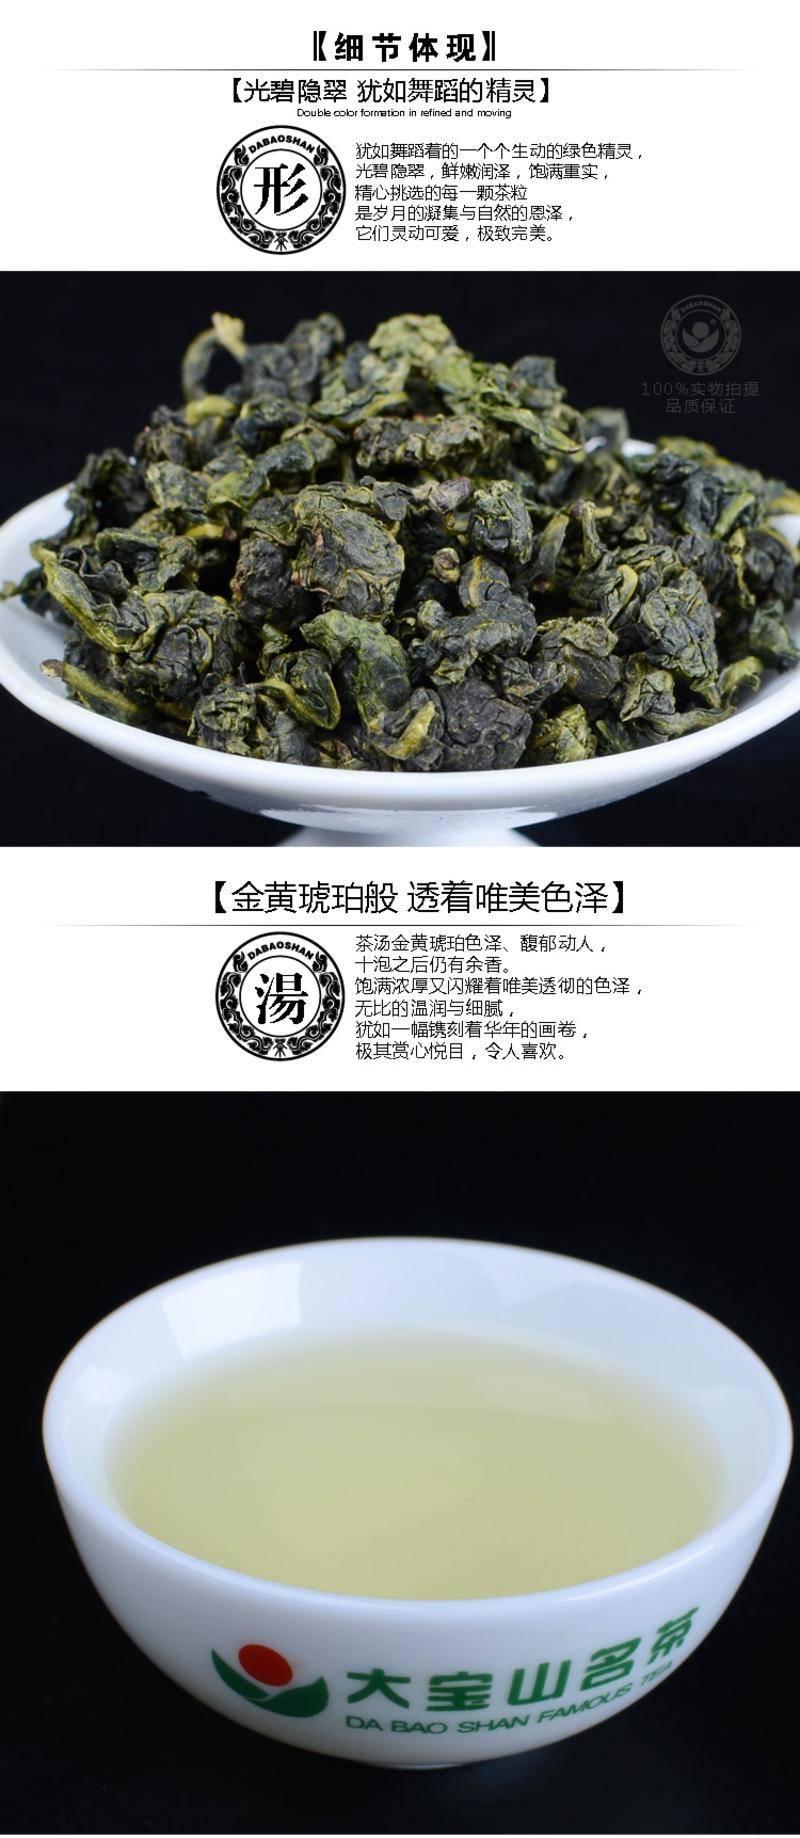 安溪四大名茶_安溪四大名茶文章_新闻_产品 - 新茶网